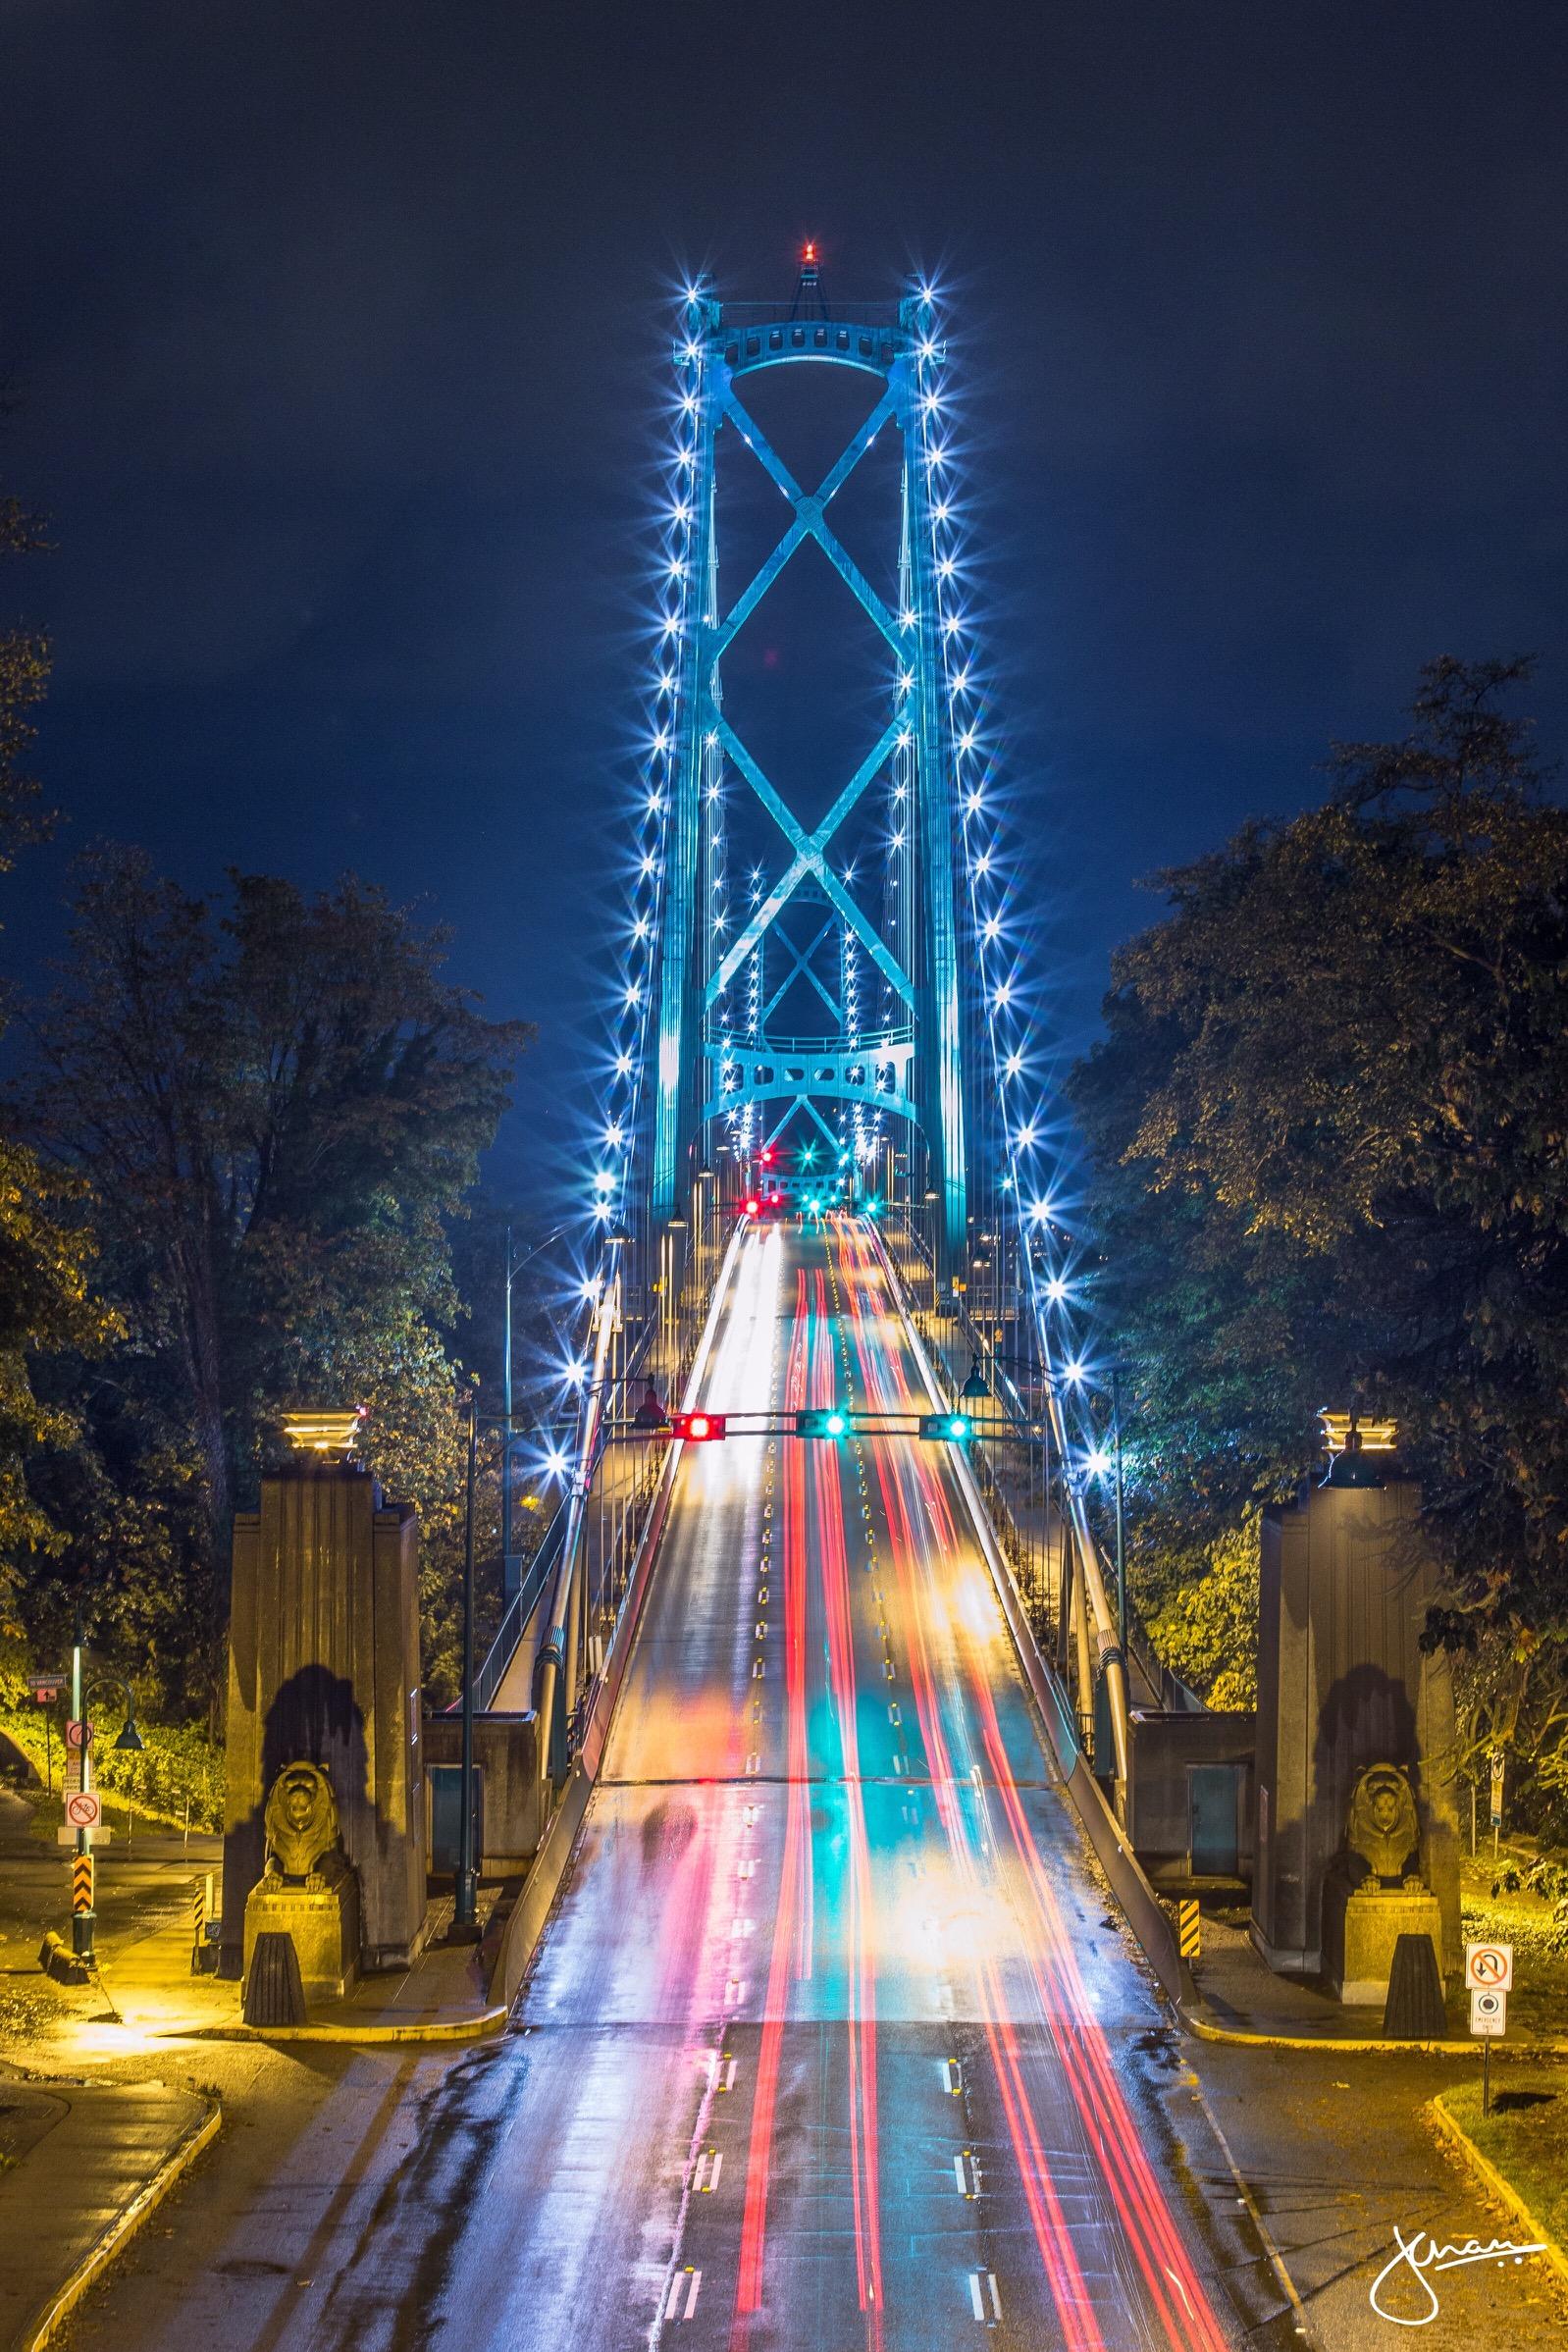 Lions Gate Traffic / Jenn Chan